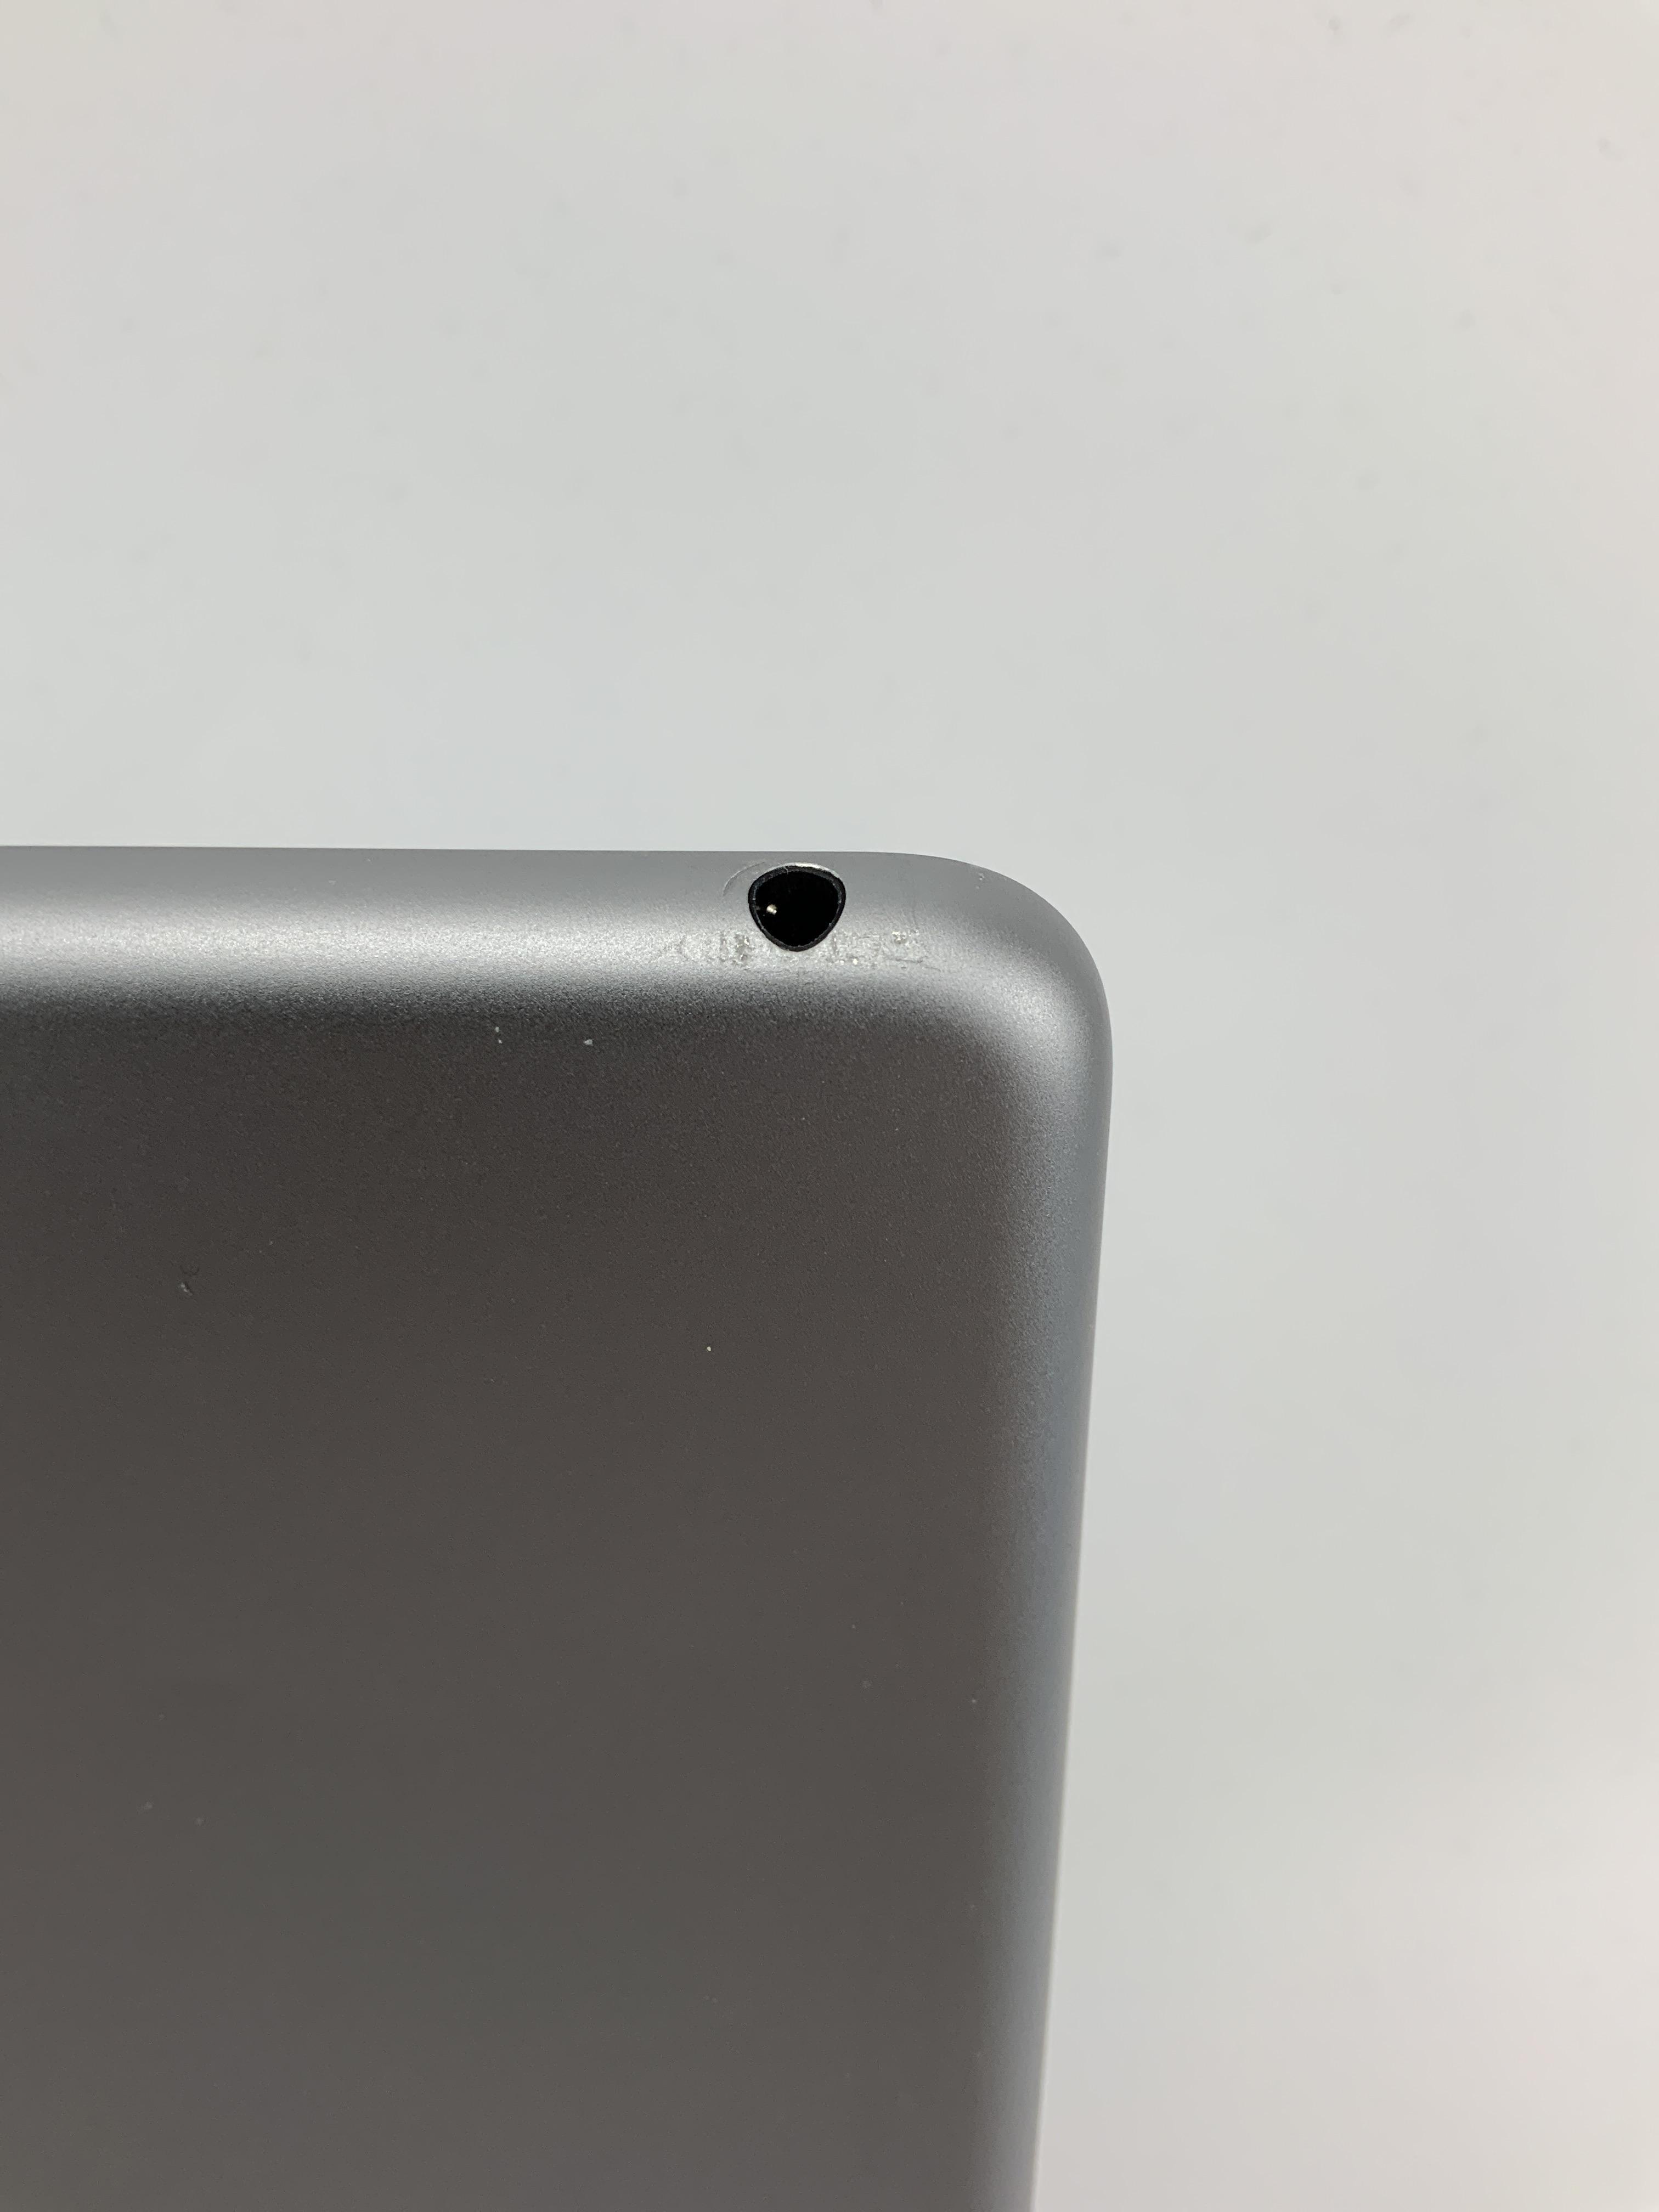 iPad 5 Wi-Fi 128GB, 128GB, Space Gray, obraz 3